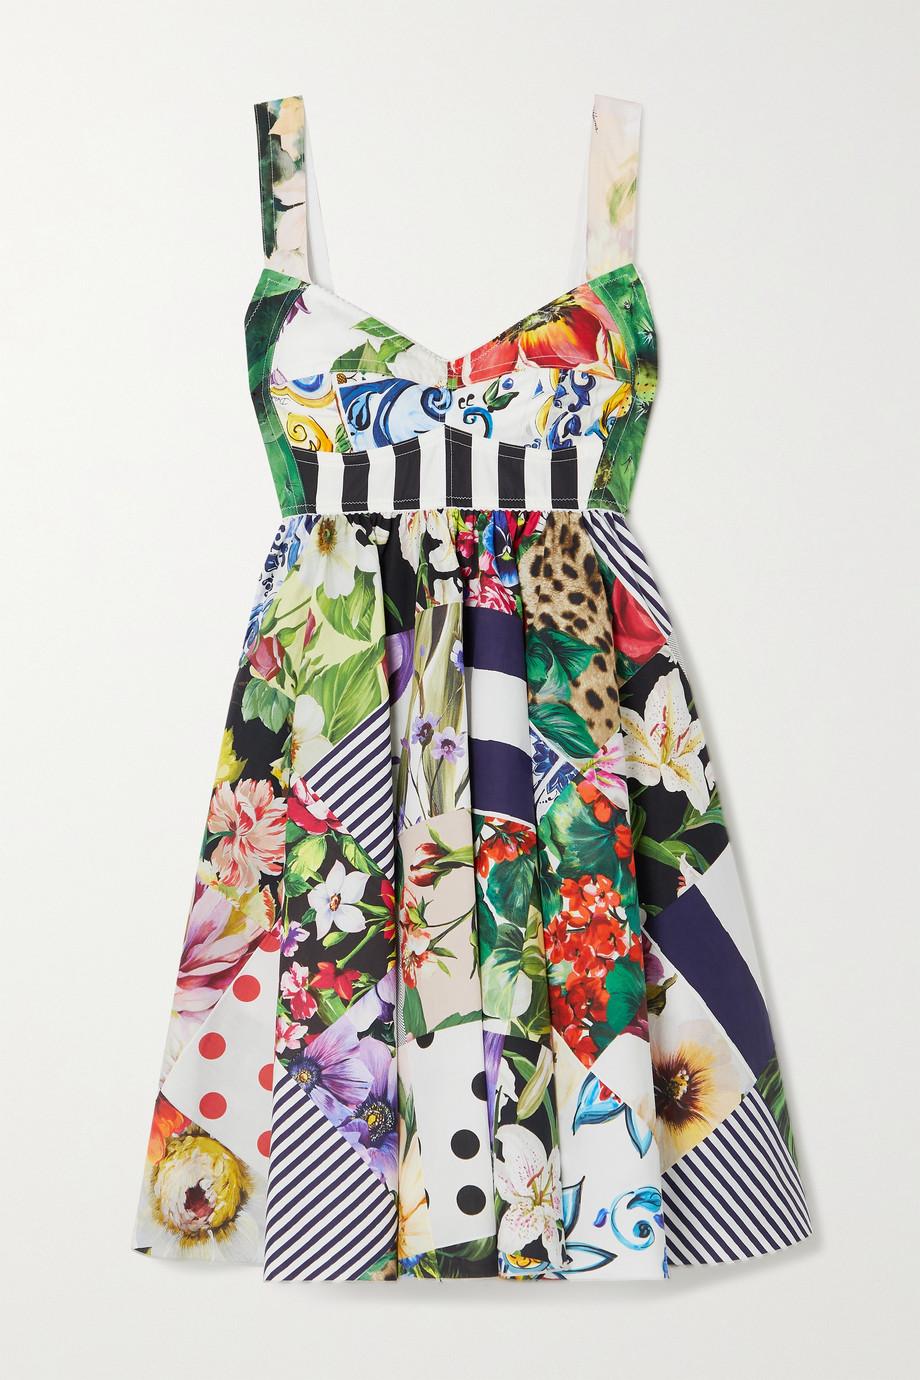 Dolce & Gabbana Mini-robe patchwork en popeline de coton mélangé imprimée